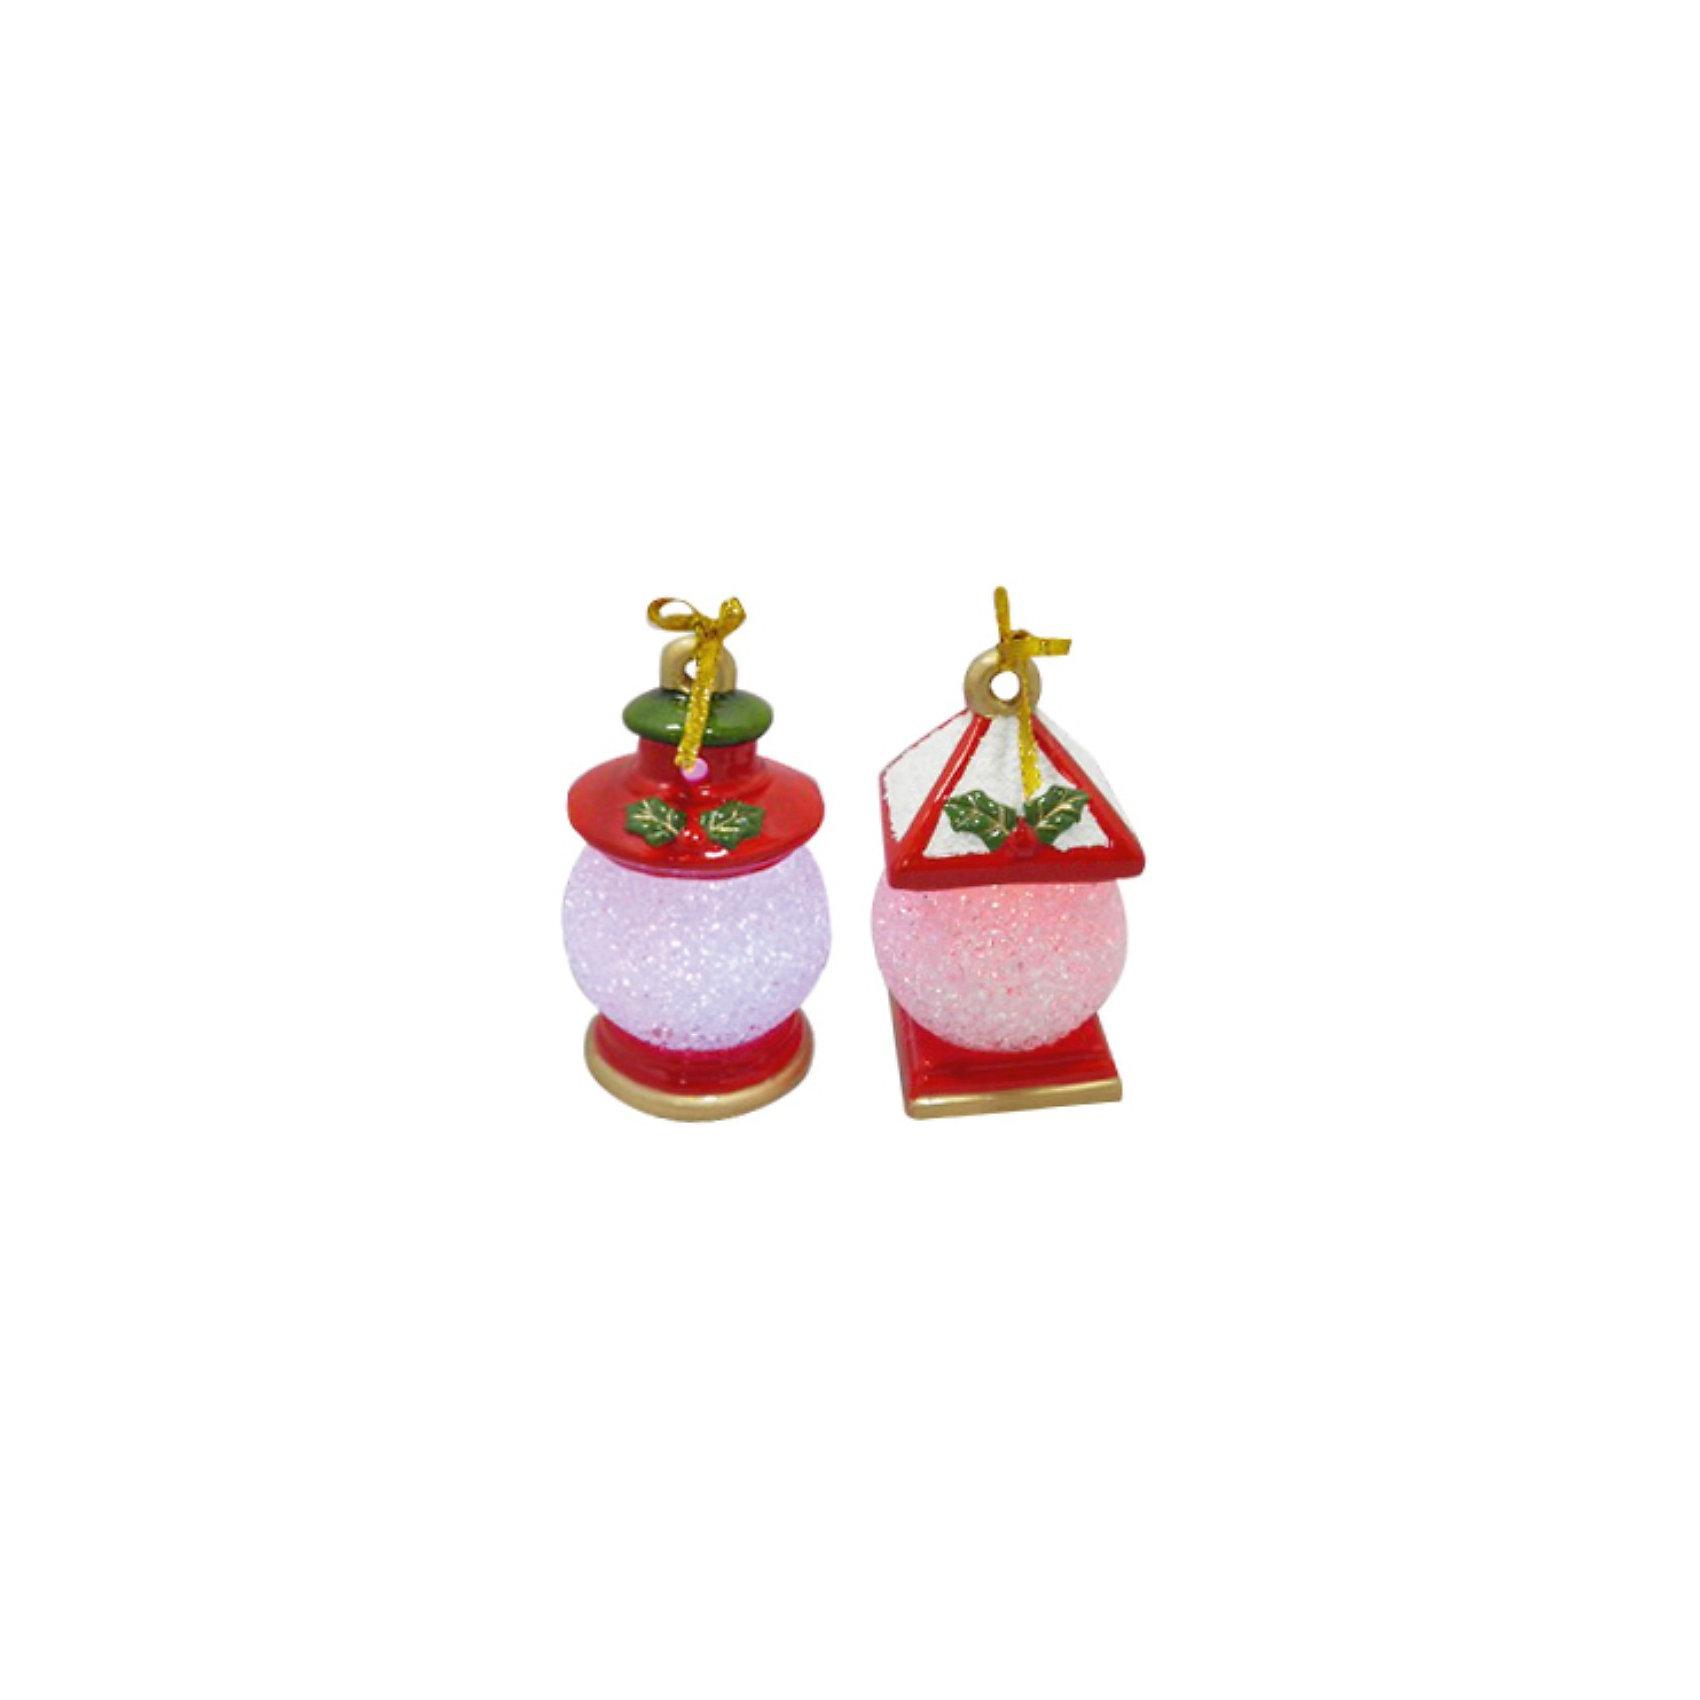 Сувенир керамический Фонарик с LED подсветкойСувенир керамический Фонарик, Волшебная страна станет замечательным украшением Вашего новогоднего интерьера и приятным подарком для родных и друзей. Сувенир<br>выполнен в форме нарядного красивого фонарика в розовых тонах. Чудесный фонарик с LED подсветкой порадует и взрослых и детей и поможет создать волшебную атмосферу новогодних праздников.<br><br>Дополнительная информация:<br><br>- Материал: керамика.<br>- Размер: 6,8 x 6,8 x 11,8 см.<br>- Вес: 185 гр. <br><br>Сувенир керамический Фонарик, Волшебная страна можно купить в нашем интернет-магазине.<br><br>Ширина мм: 470<br>Глубина мм: 70<br>Высота мм: 130<br>Вес г: 185<br>Возраст от месяцев: 60<br>Возраст до месяцев: 180<br>Пол: Унисекс<br>Возраст: Детский<br>SKU: 3791436